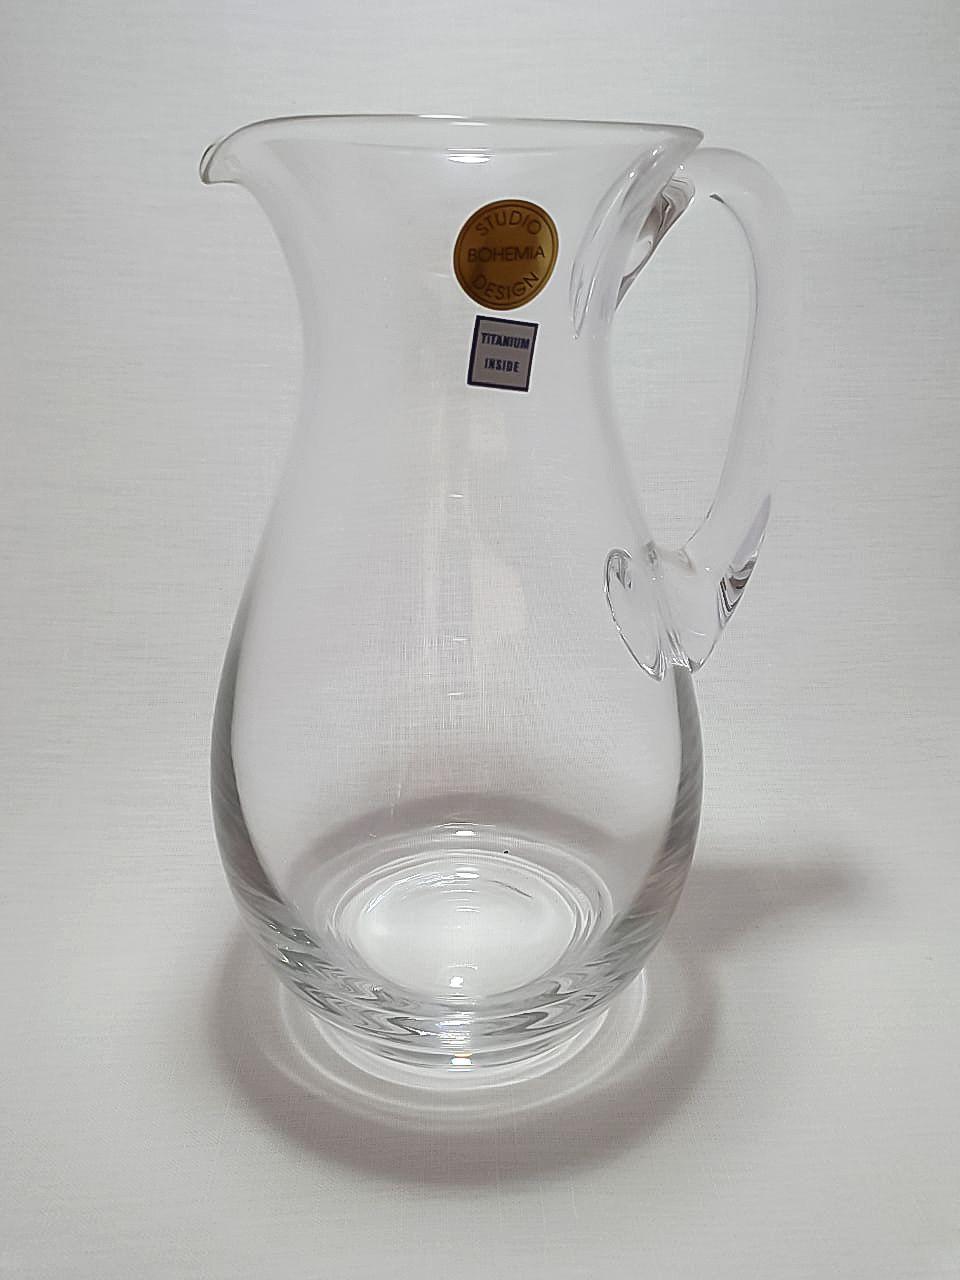 Jarra Studio Cristal Bohemia Design Titanium Inside 1100 Ml